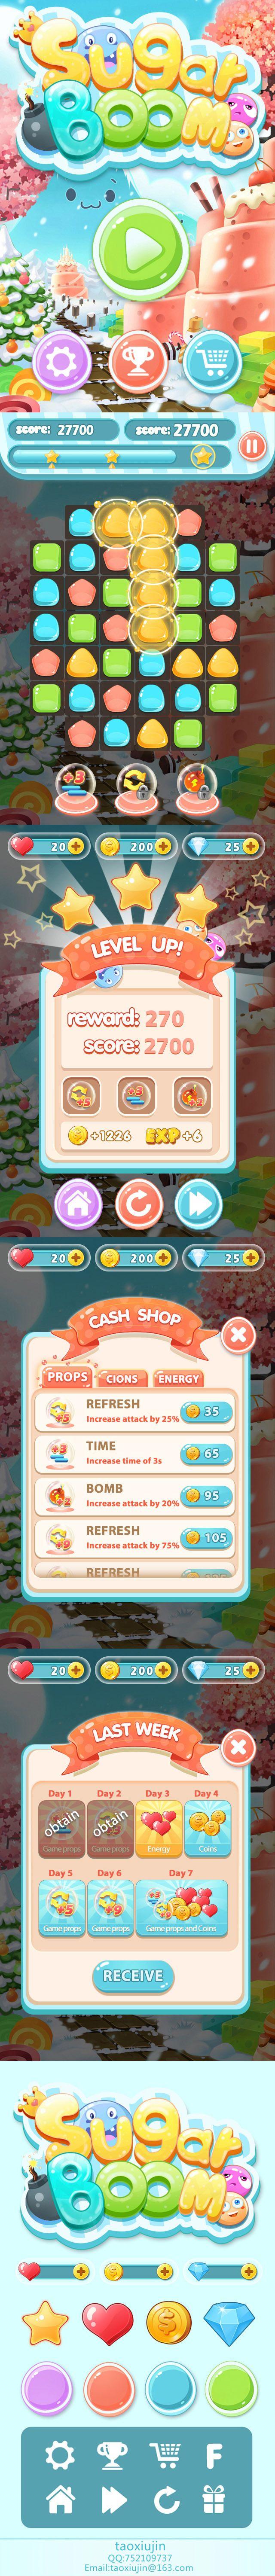 原创作品《Sugar boom》游戏界面...